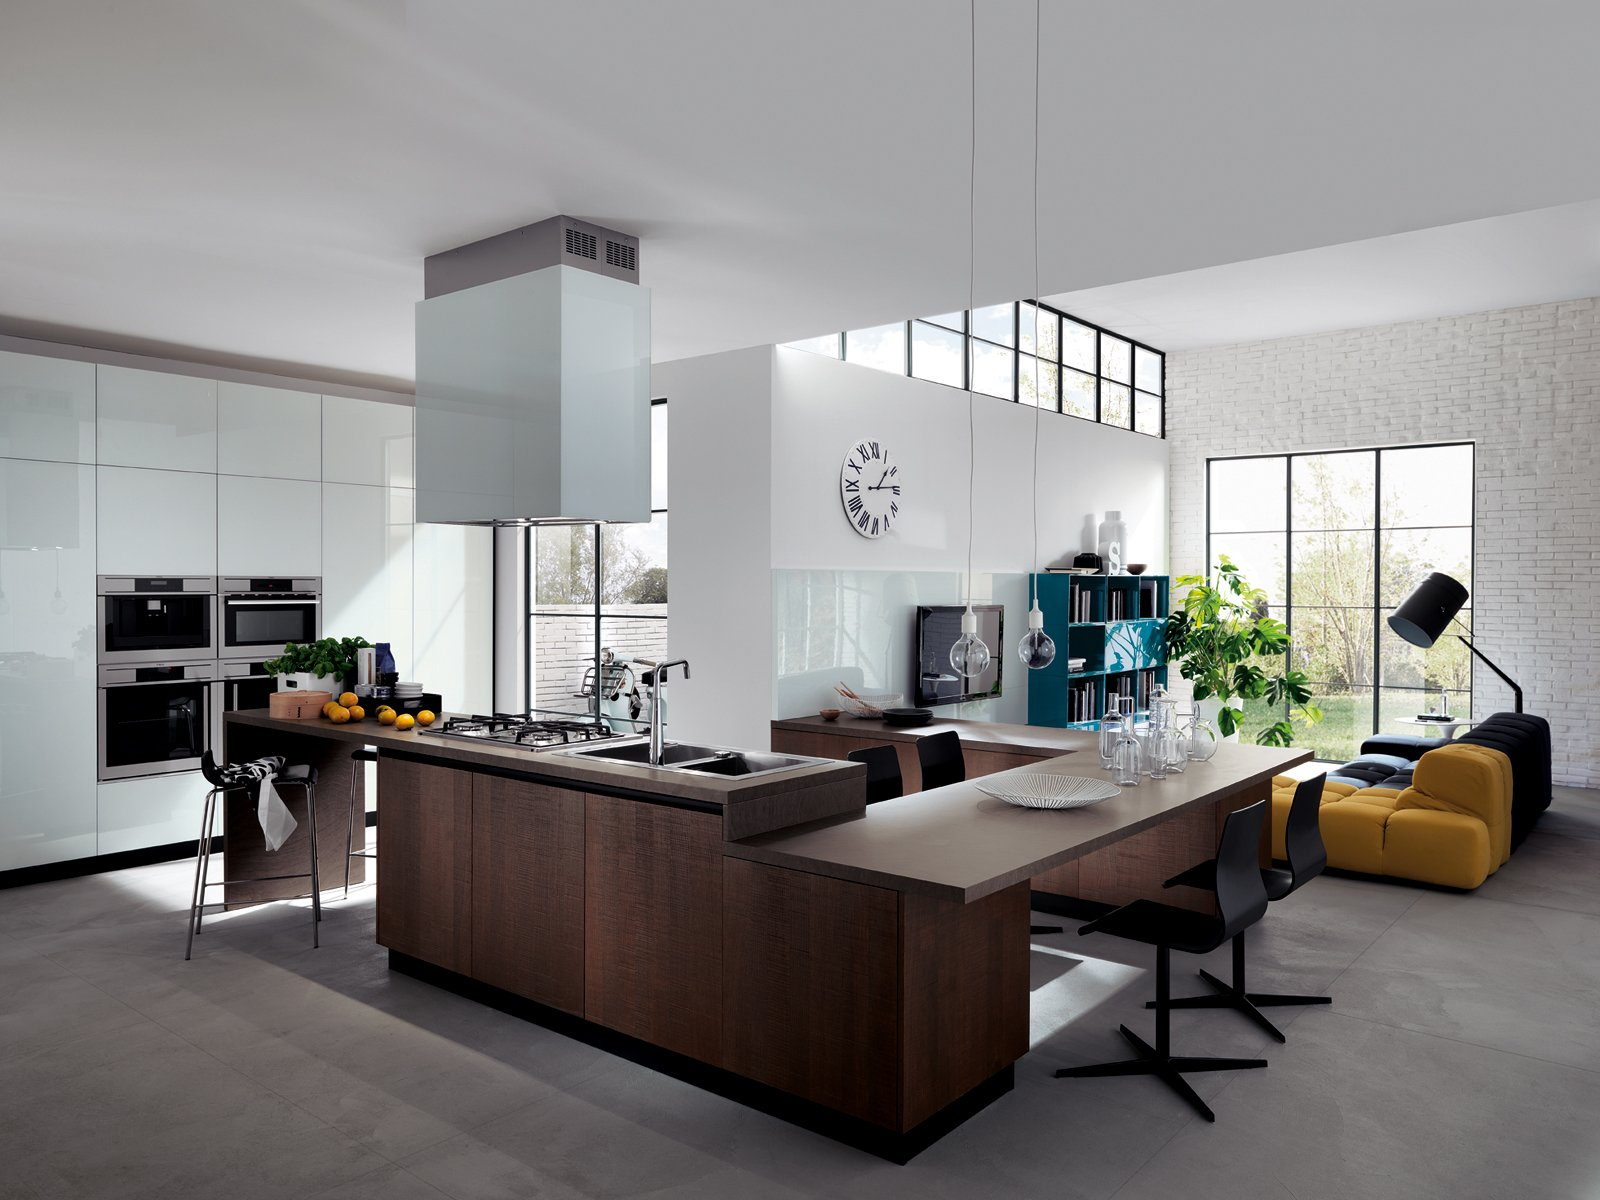 ampia ed elegante composizione a sviluppo continuo per la cucina liberamente di scavolini dove piano